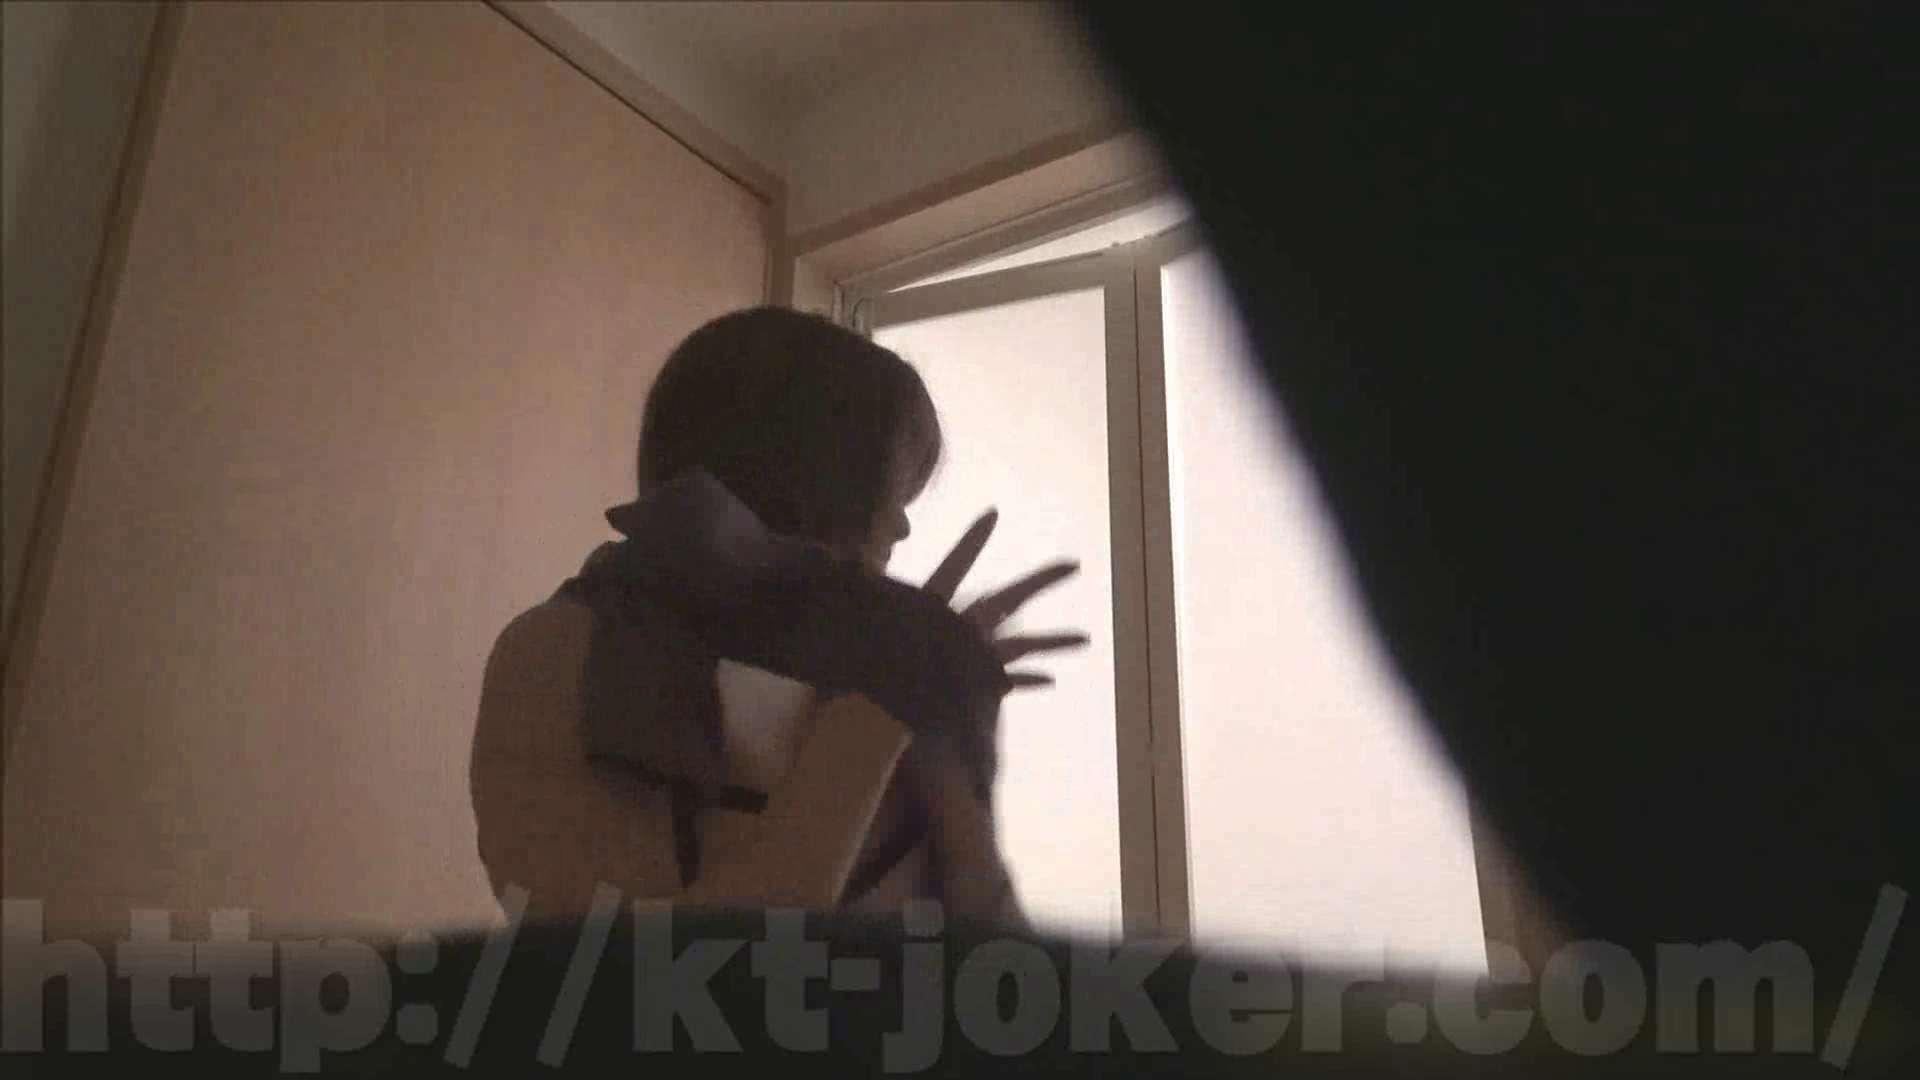 イ・タ・ズ・ラ劇場 Vol.46 女子大生のエロ生活 すけべAV動画紹介 108連発 32